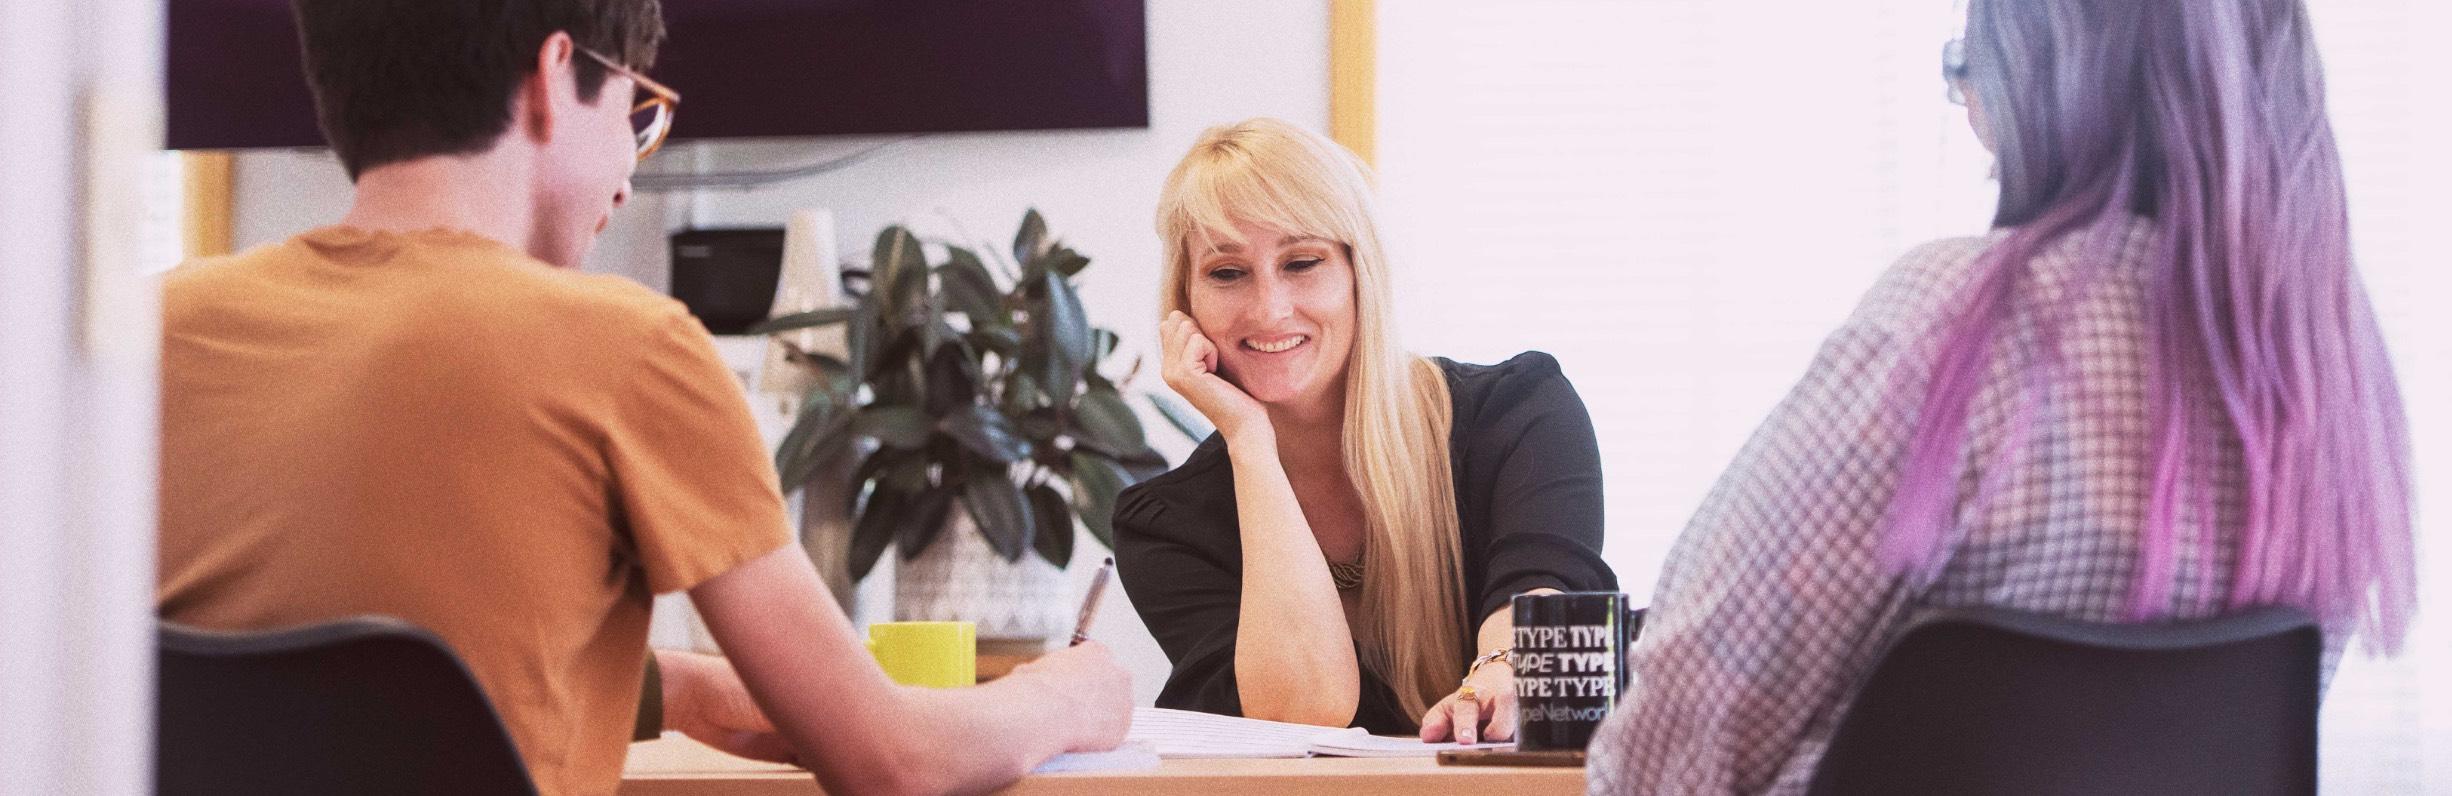 Three team members talking at a desk